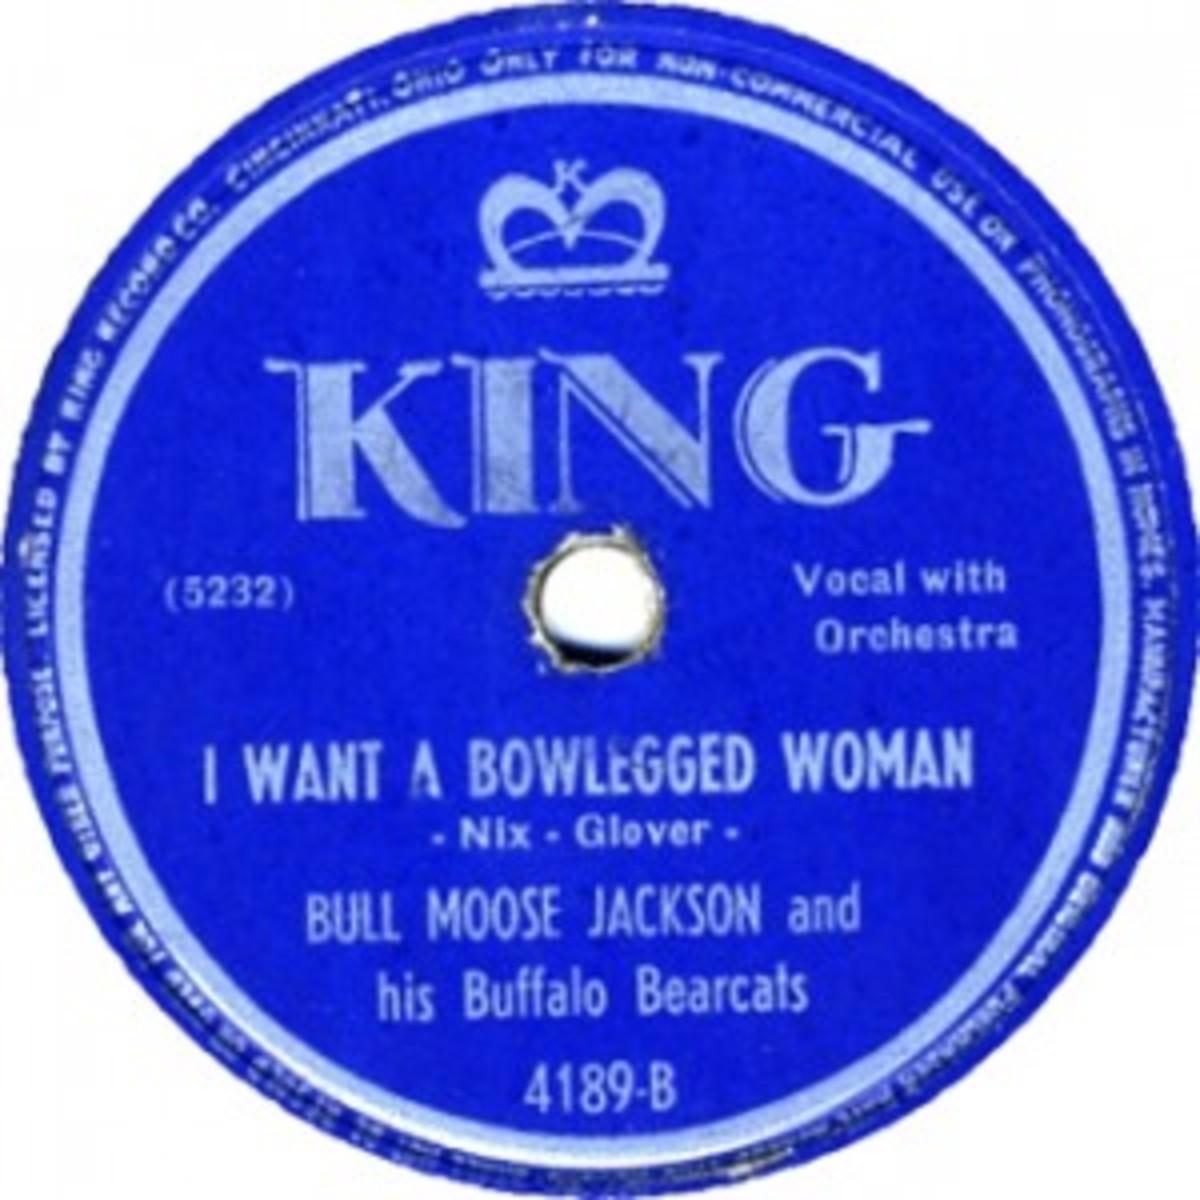 Bull Moose Jackson I Want A Bowlegged Woman